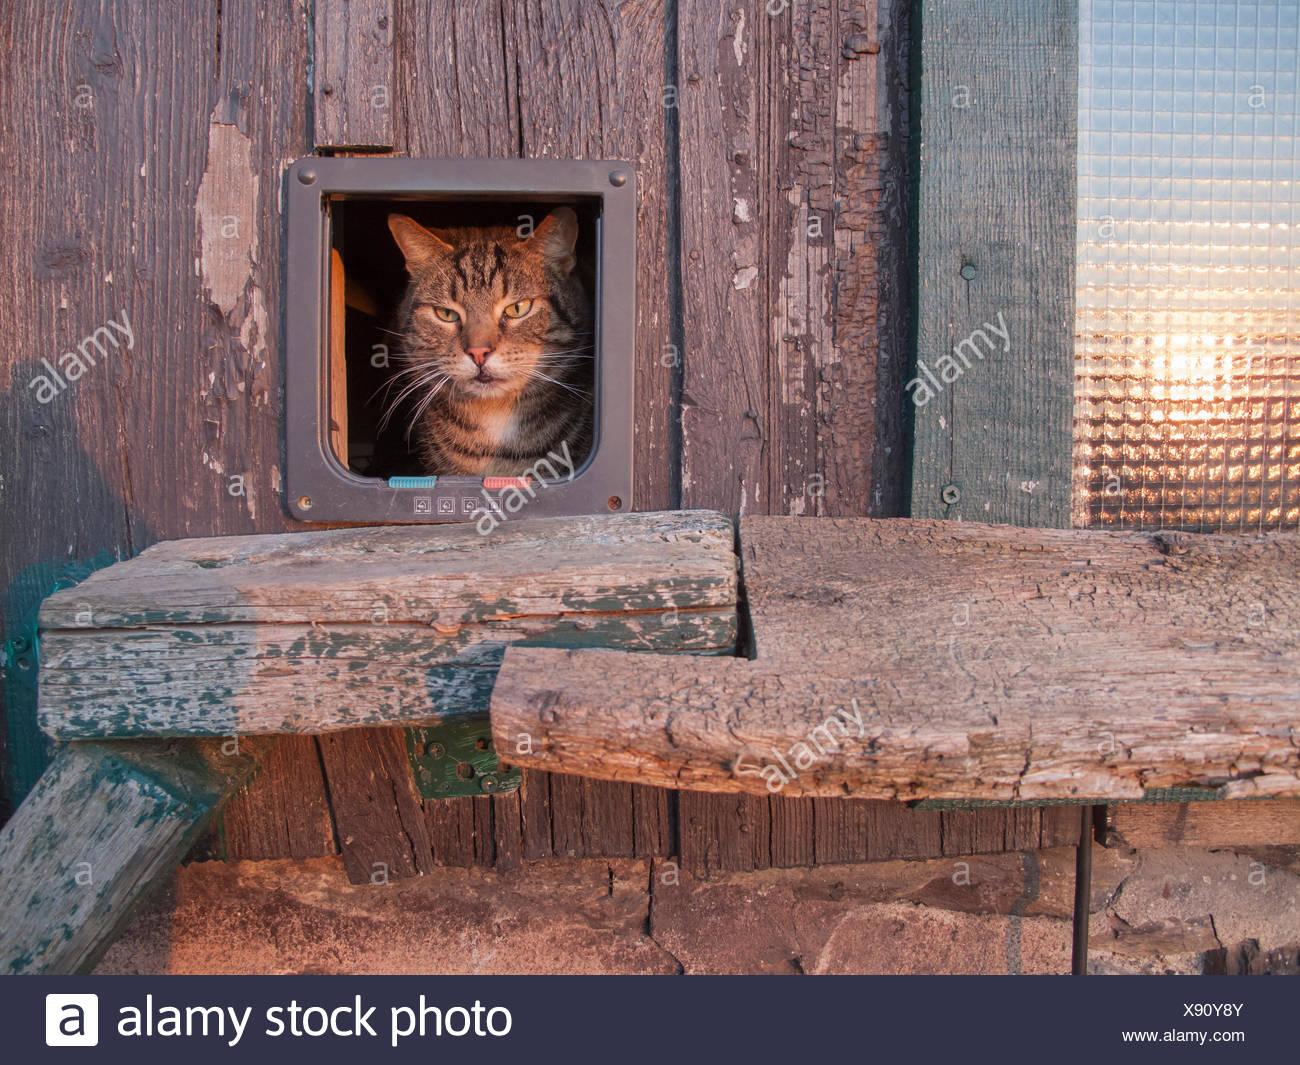 Hauskatze, Haus-Katze (Felis silvestris f. catus), schaut aus Katzentuer heraus, Deutschland | domestic cat, house cat (Felis si - Stock Image